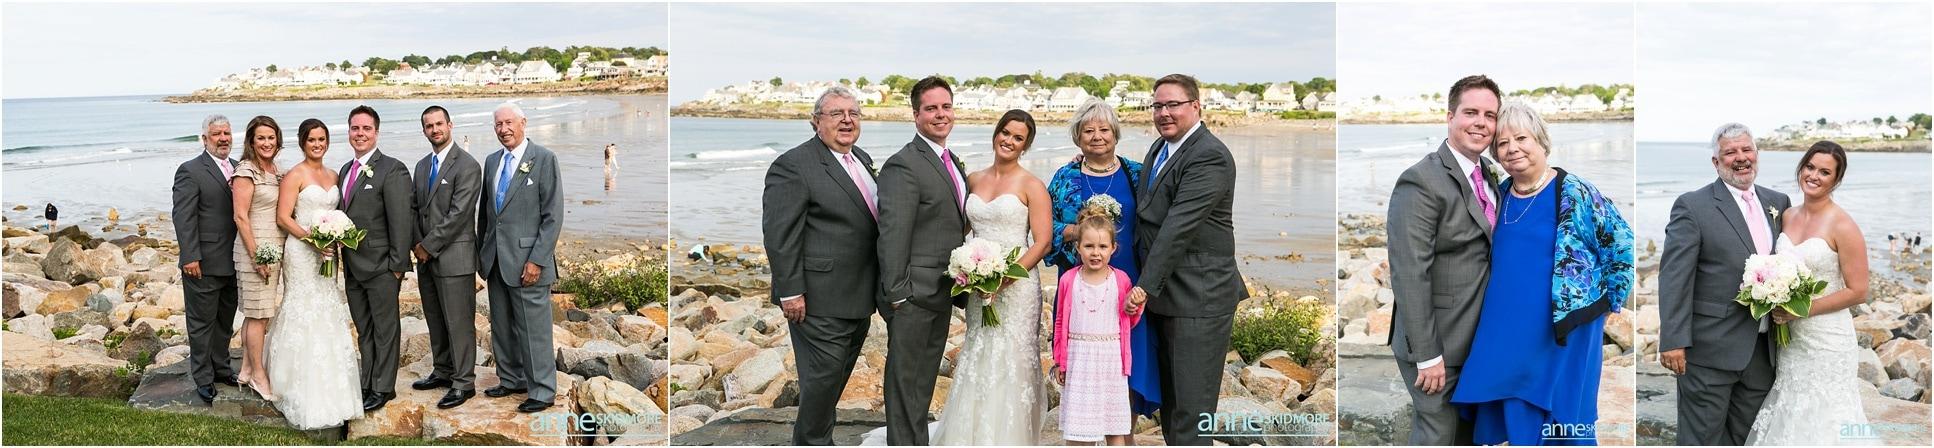 Union_Bluff_Wedding_0037